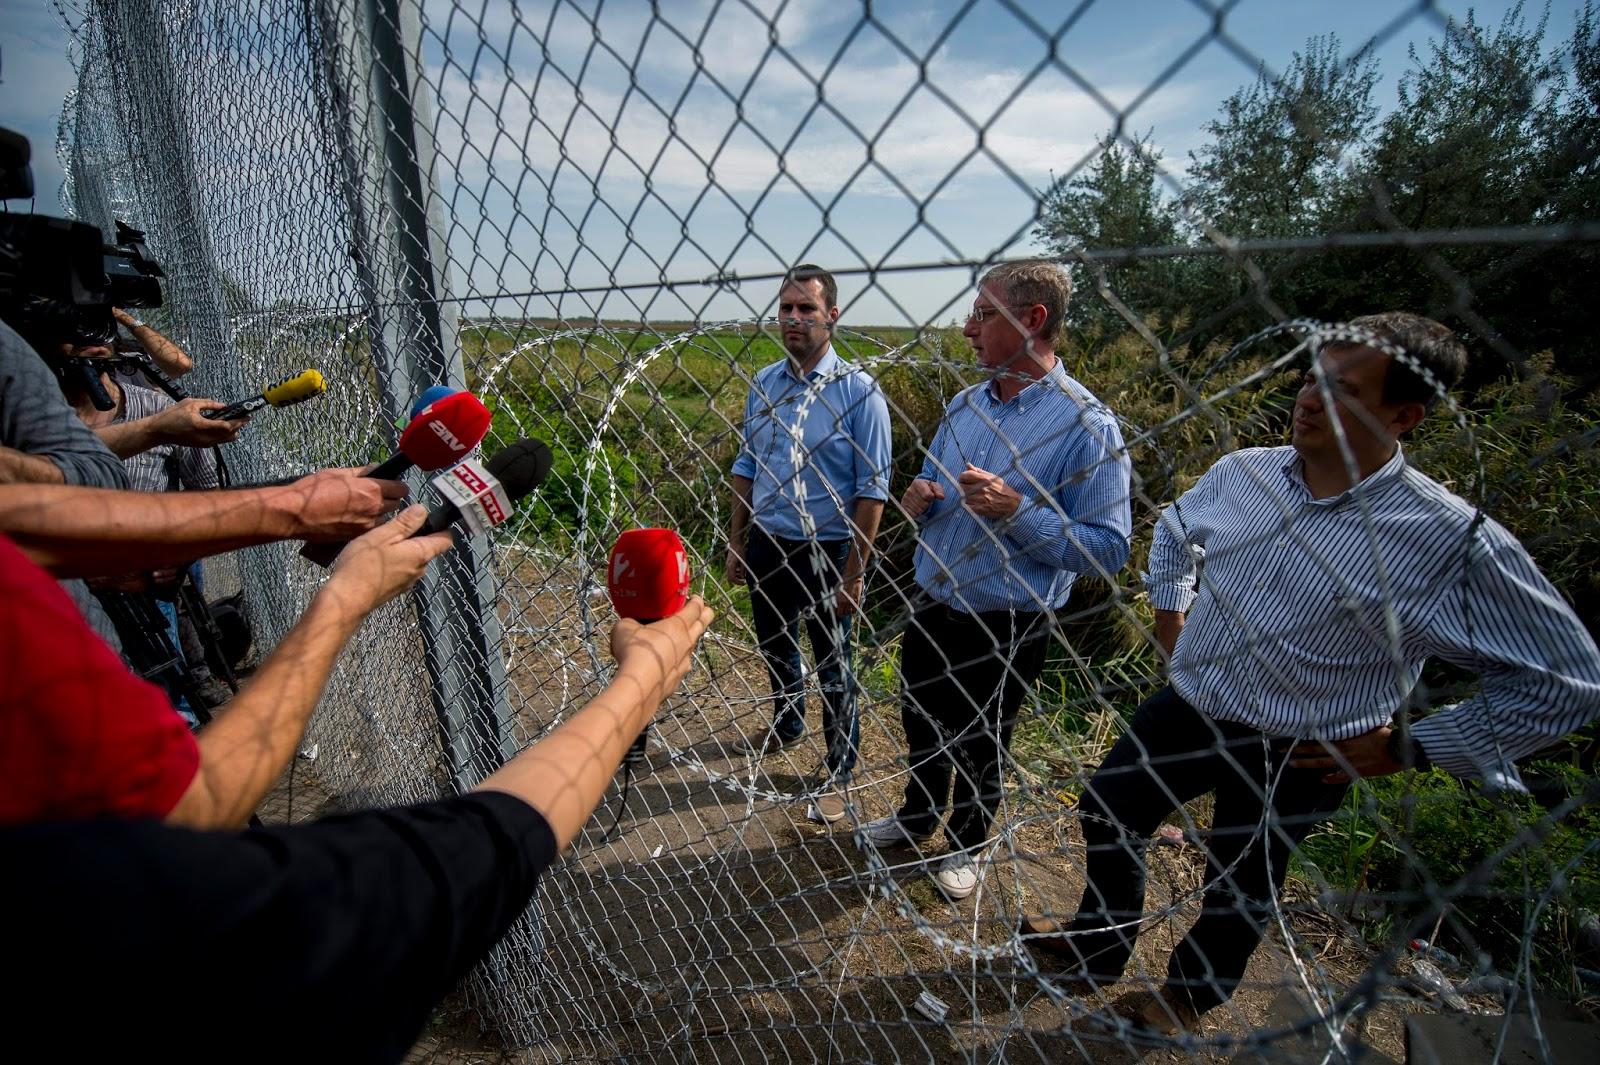 Magyarország, illegális bevándorlás, Gyurcsány Ferenc, Demokratikus Koalíció, migráció, Orbán-kormány,